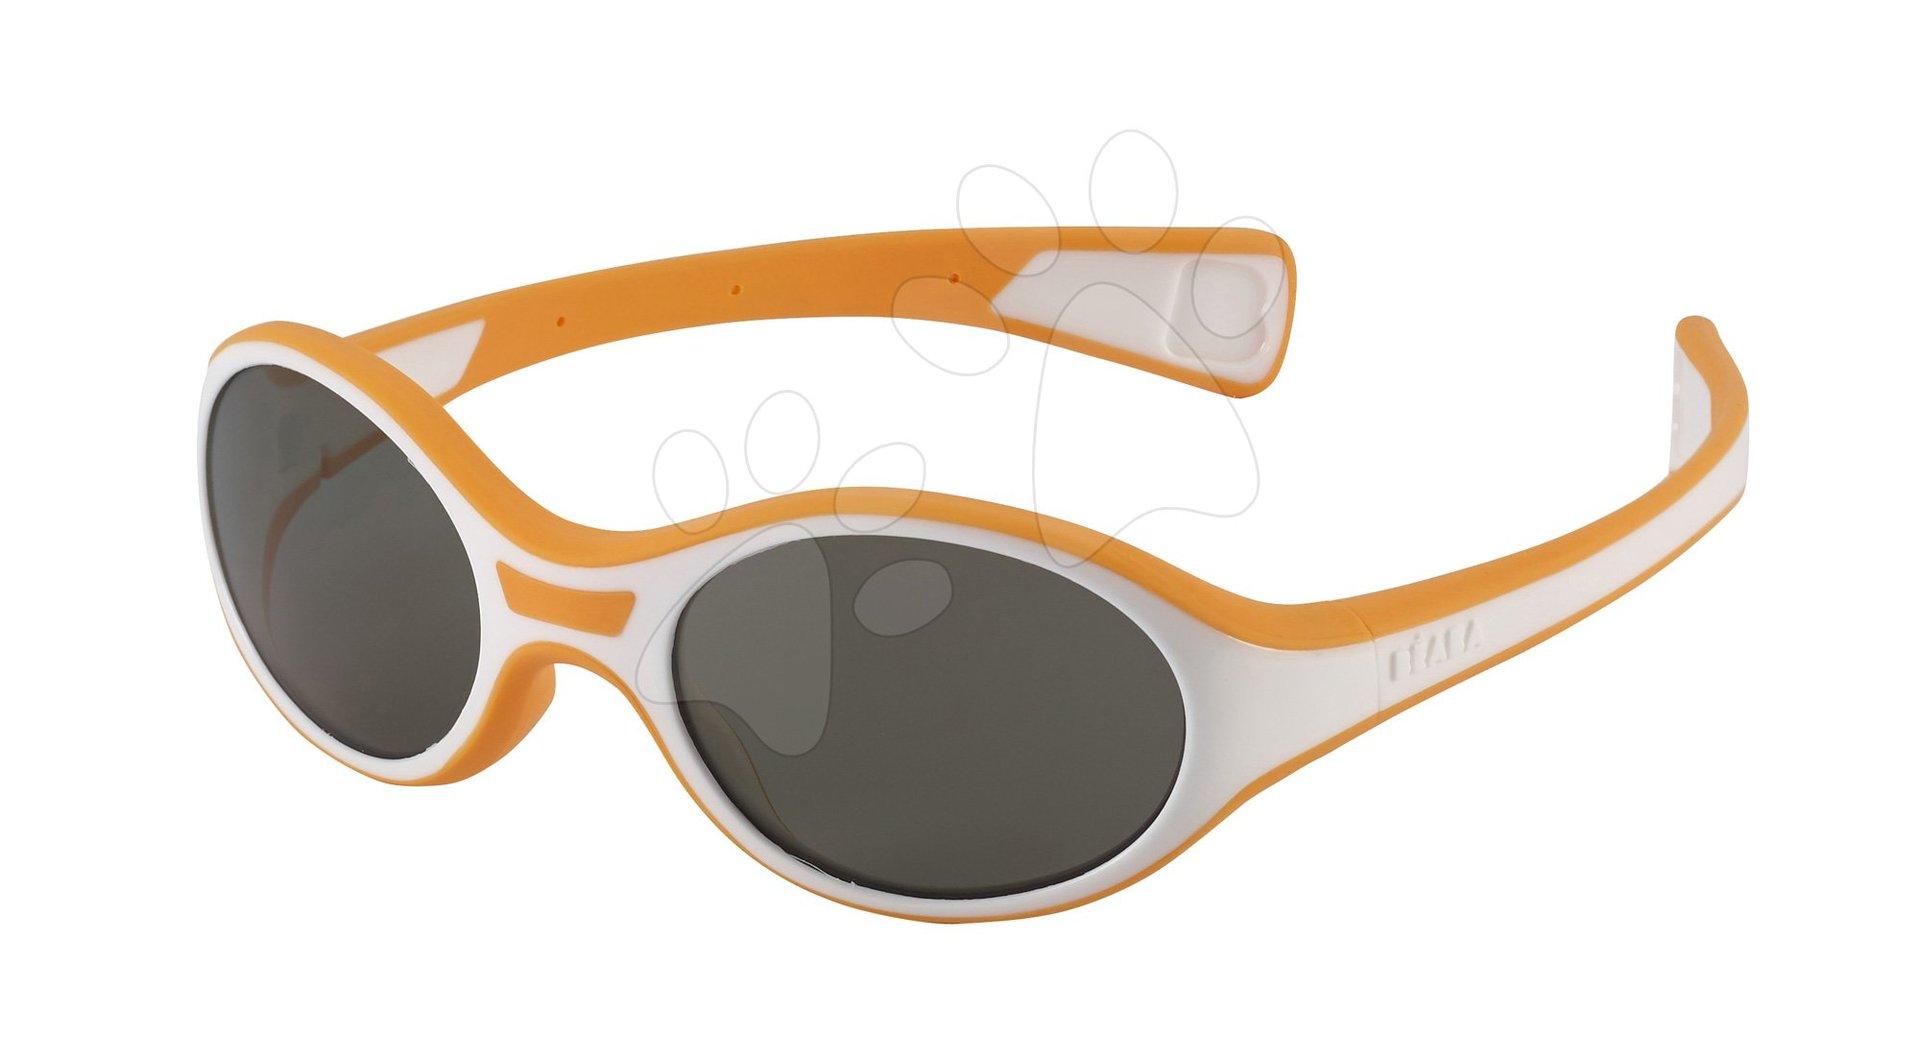 Kiárusítás Napszemüveg Beaba Kids M UV szűrő 3 narancssárga a6e1a11236